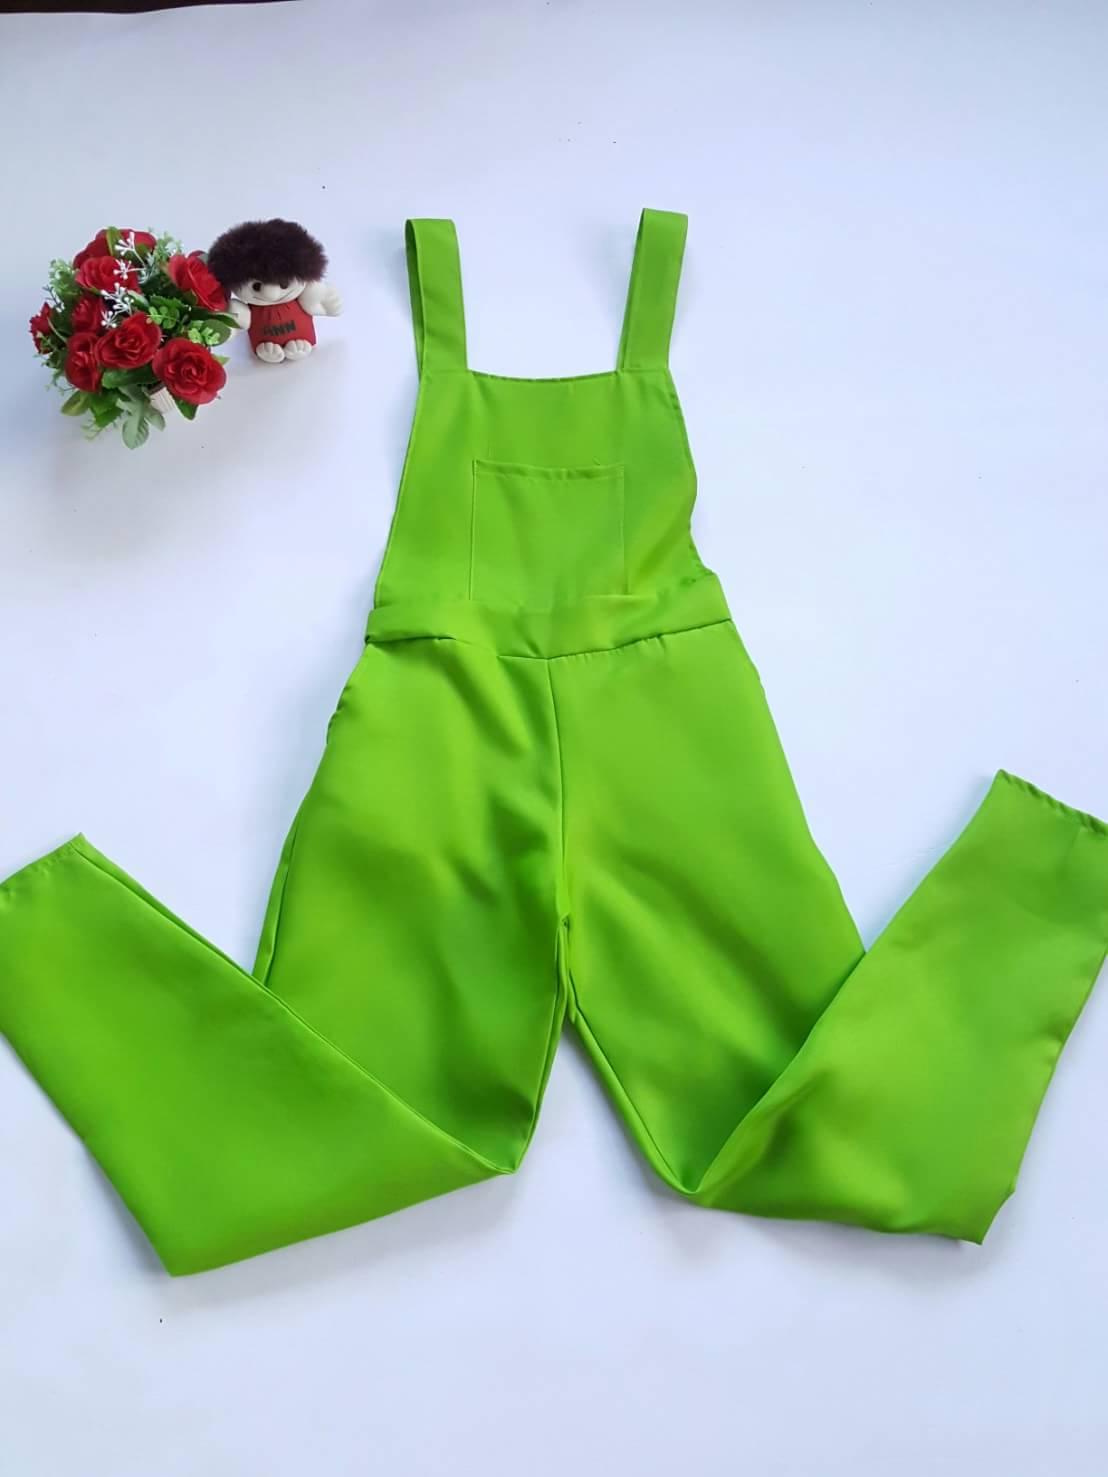 เอี๊ยมกางเกงขายาวผ้าโซล่อน สม๊อคเอว สีเขียว